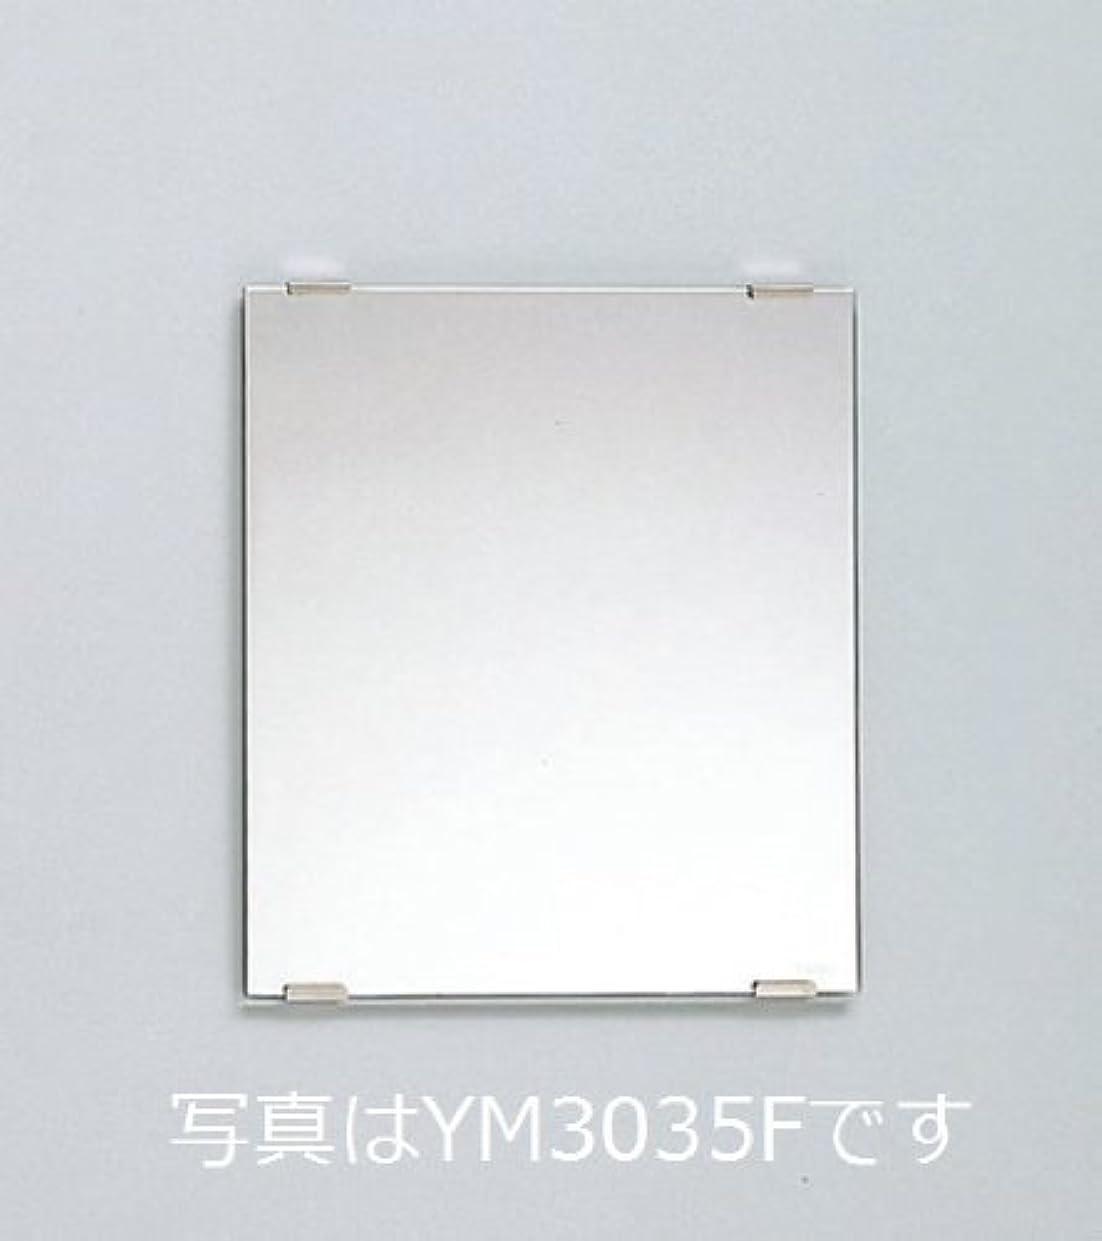 コインランドリー手順専門TOTO 化粧鏡 YM3560F 耐食鏡 角型 350×600(mm)